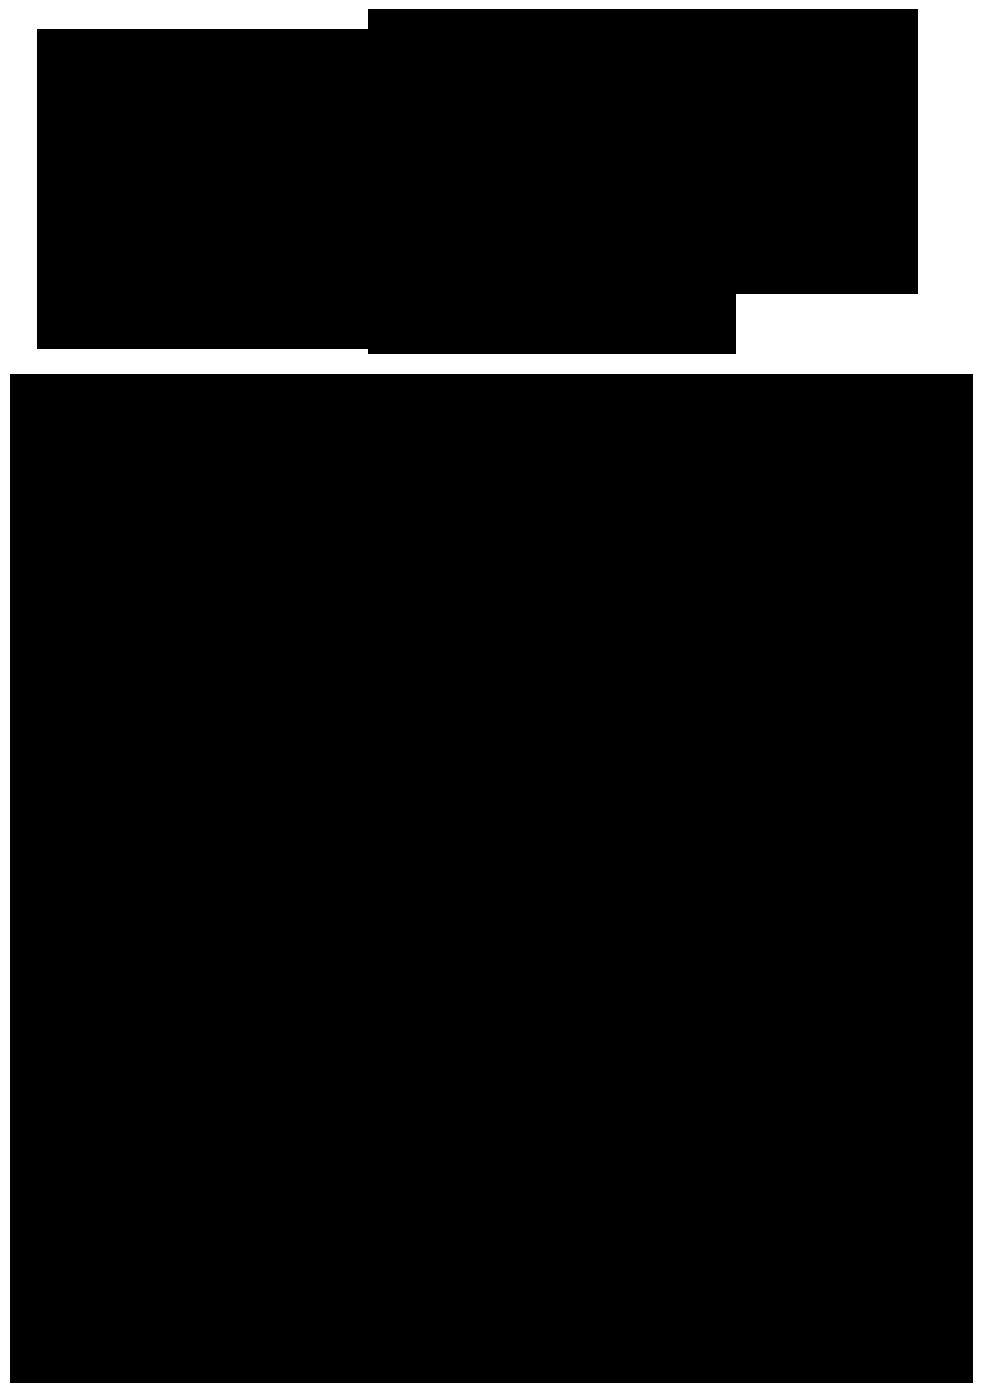 РОЗРАХУНКОВО-ПЛАТІЖНА ВІДОМІСТЬ (зведена) (Типова форма № П-7)